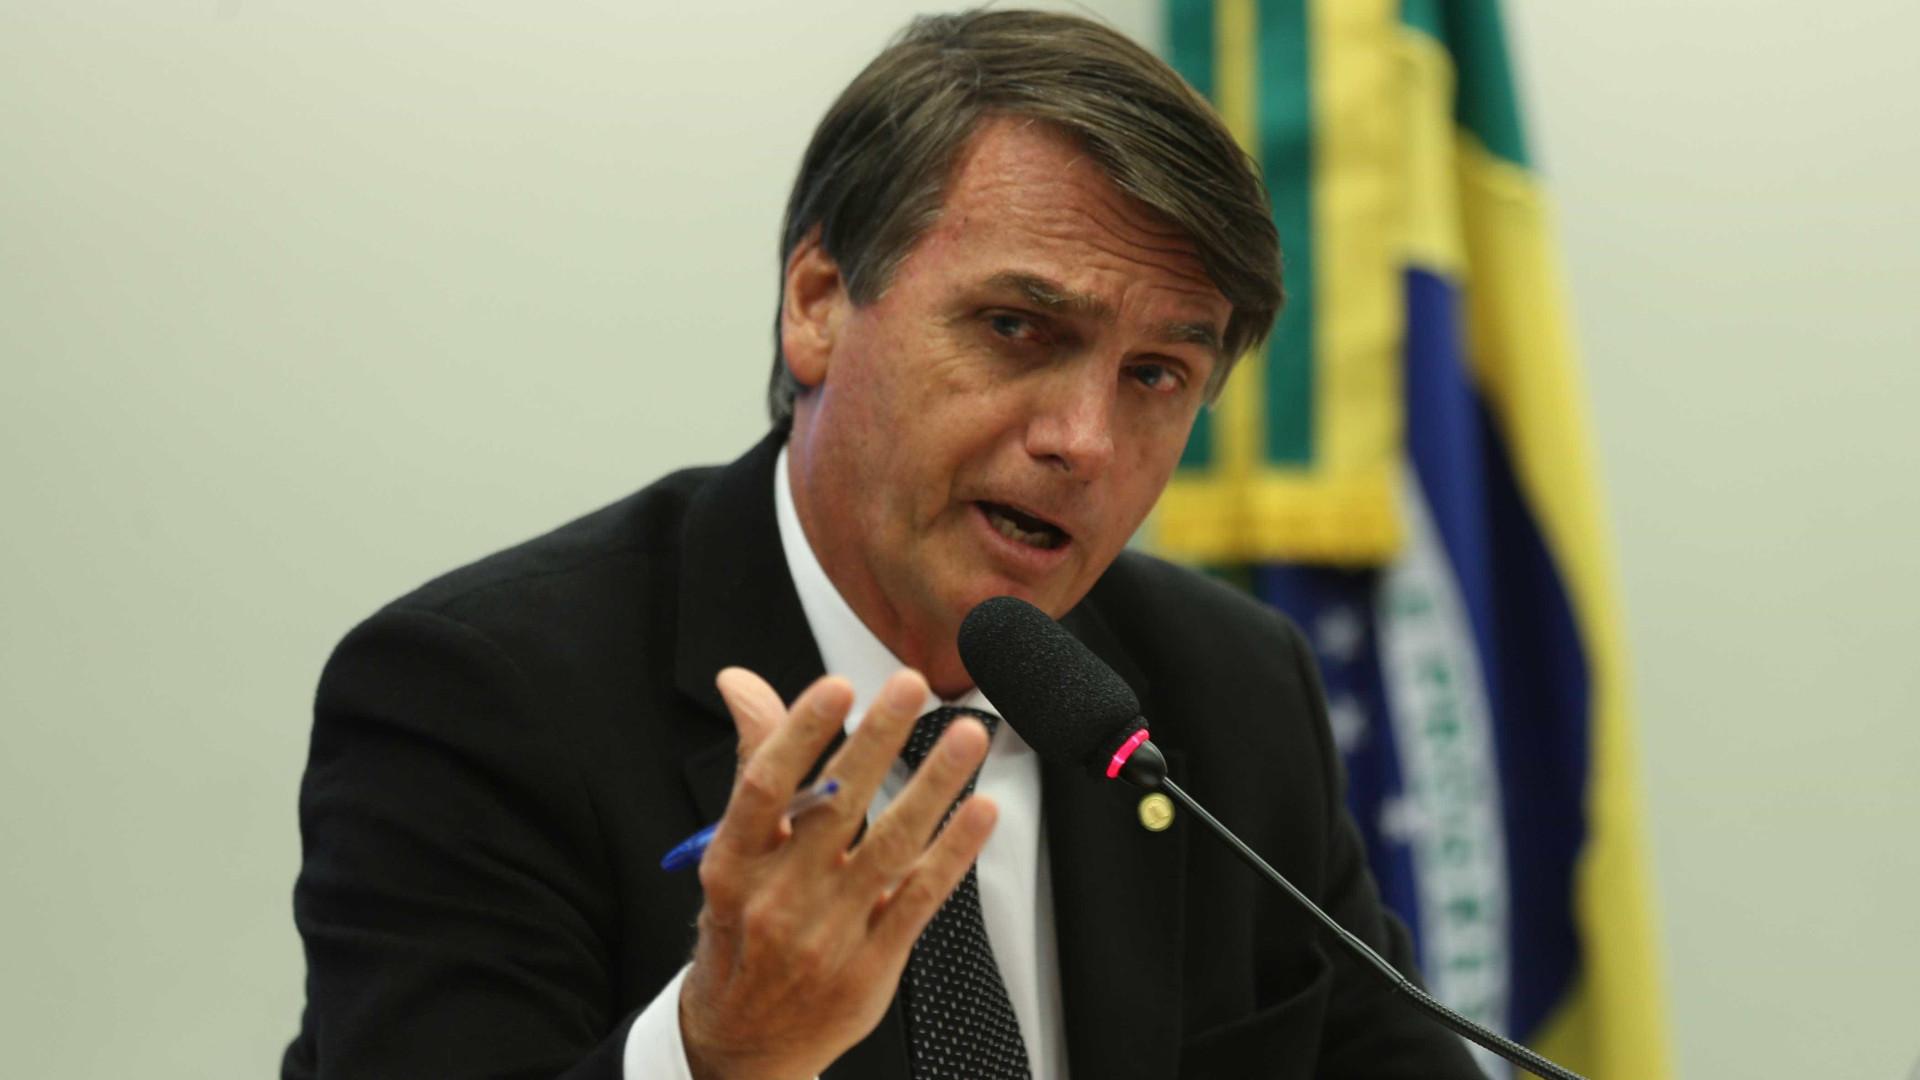 Livro esmiúça paranoias de Bolsonaro e crises do 1º ano de governo